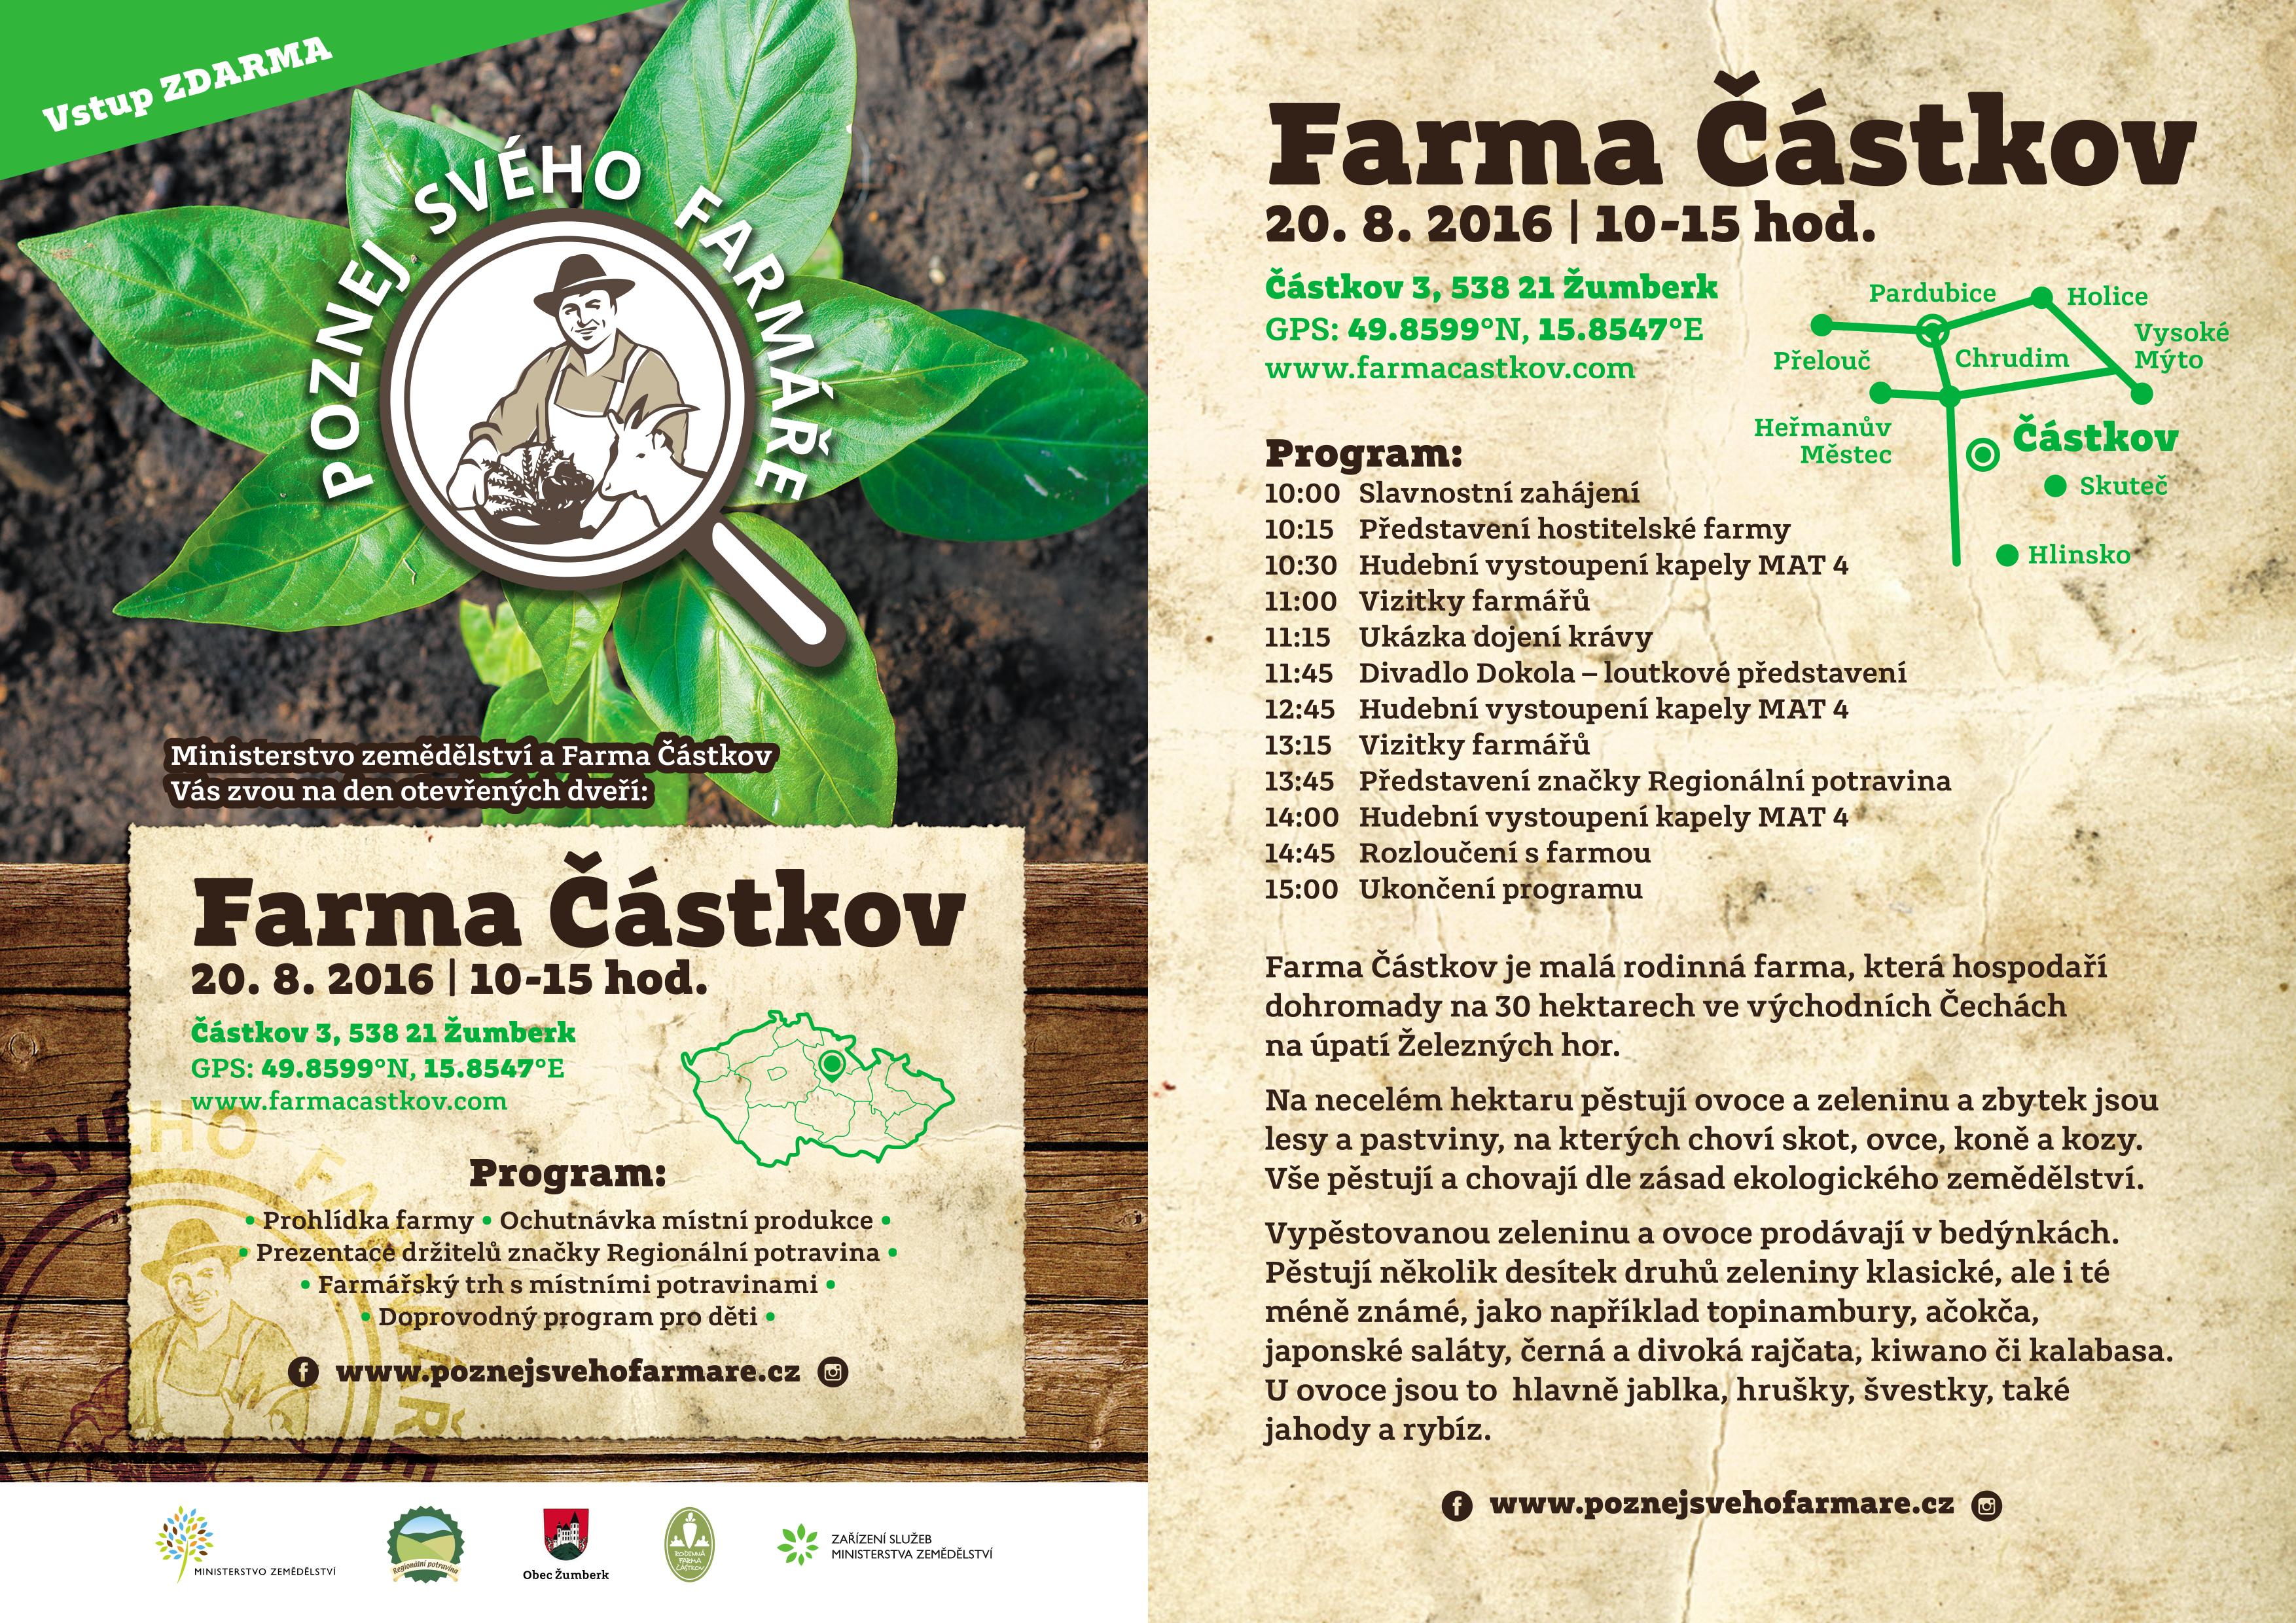 Pozvánka na rodinnou farmu